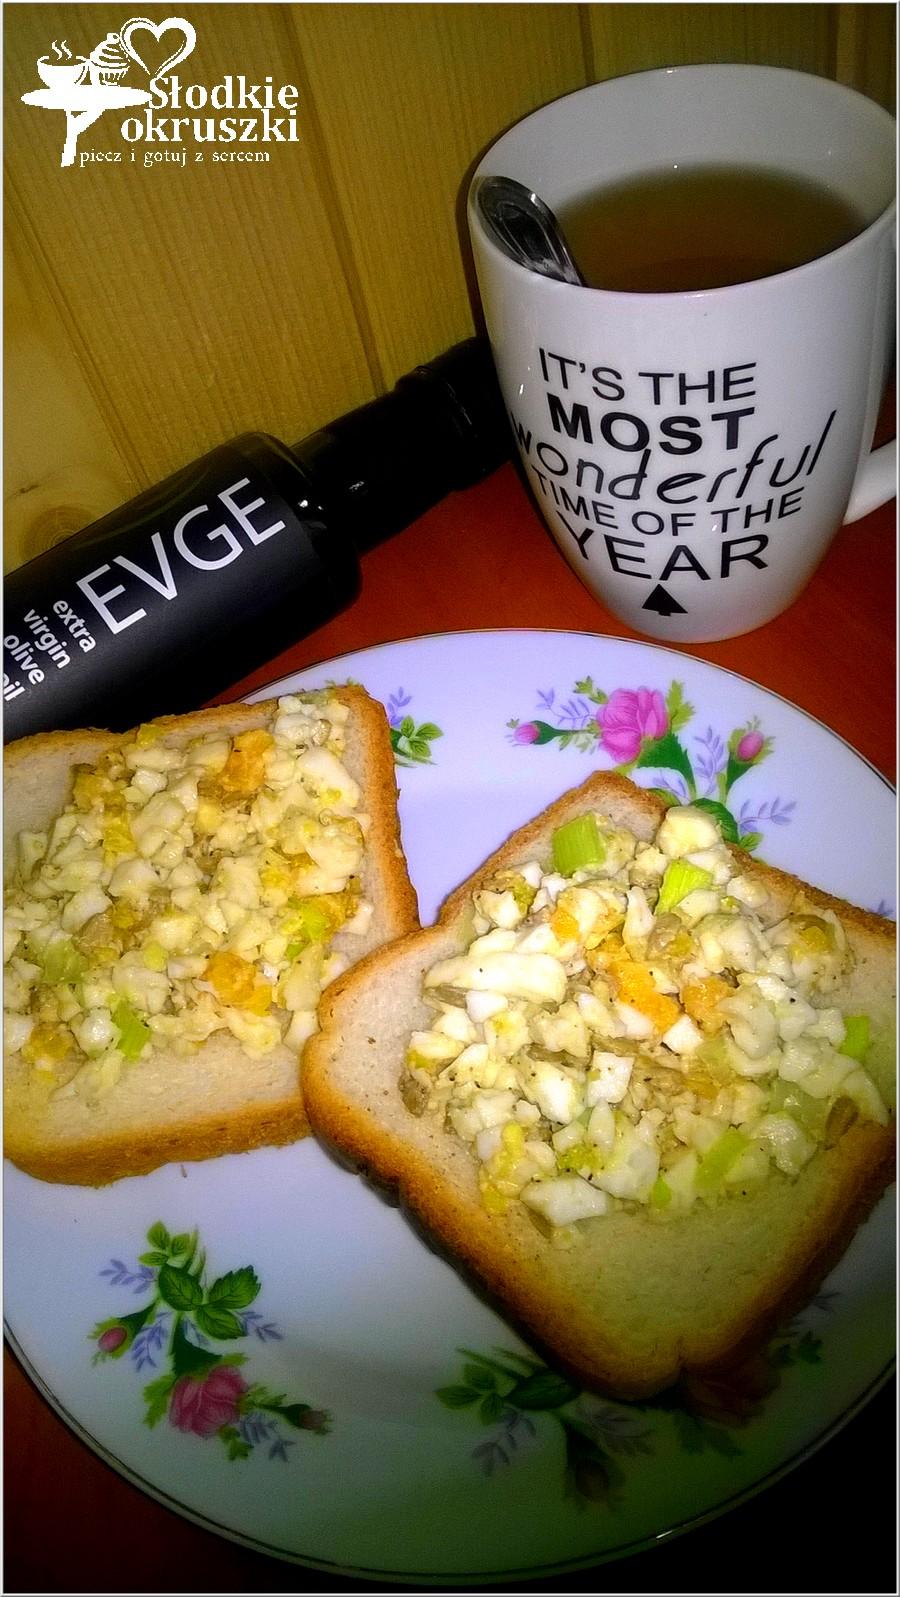 Zdrowa pasta kanapkowa ze słonecznikiem i oliwą z oliwek (1)